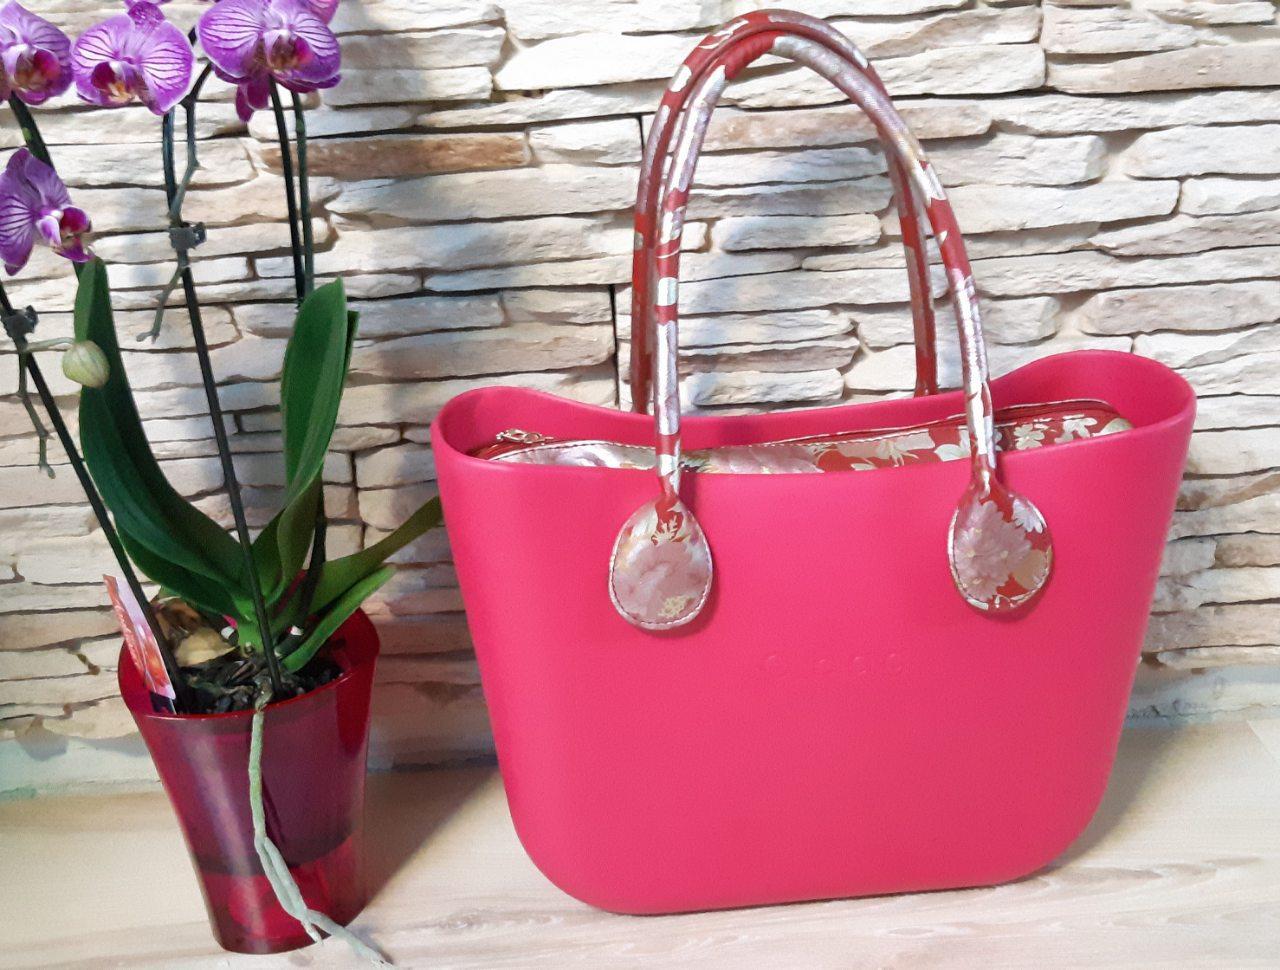 Женская сумка O bag classic в розовом   корпусе